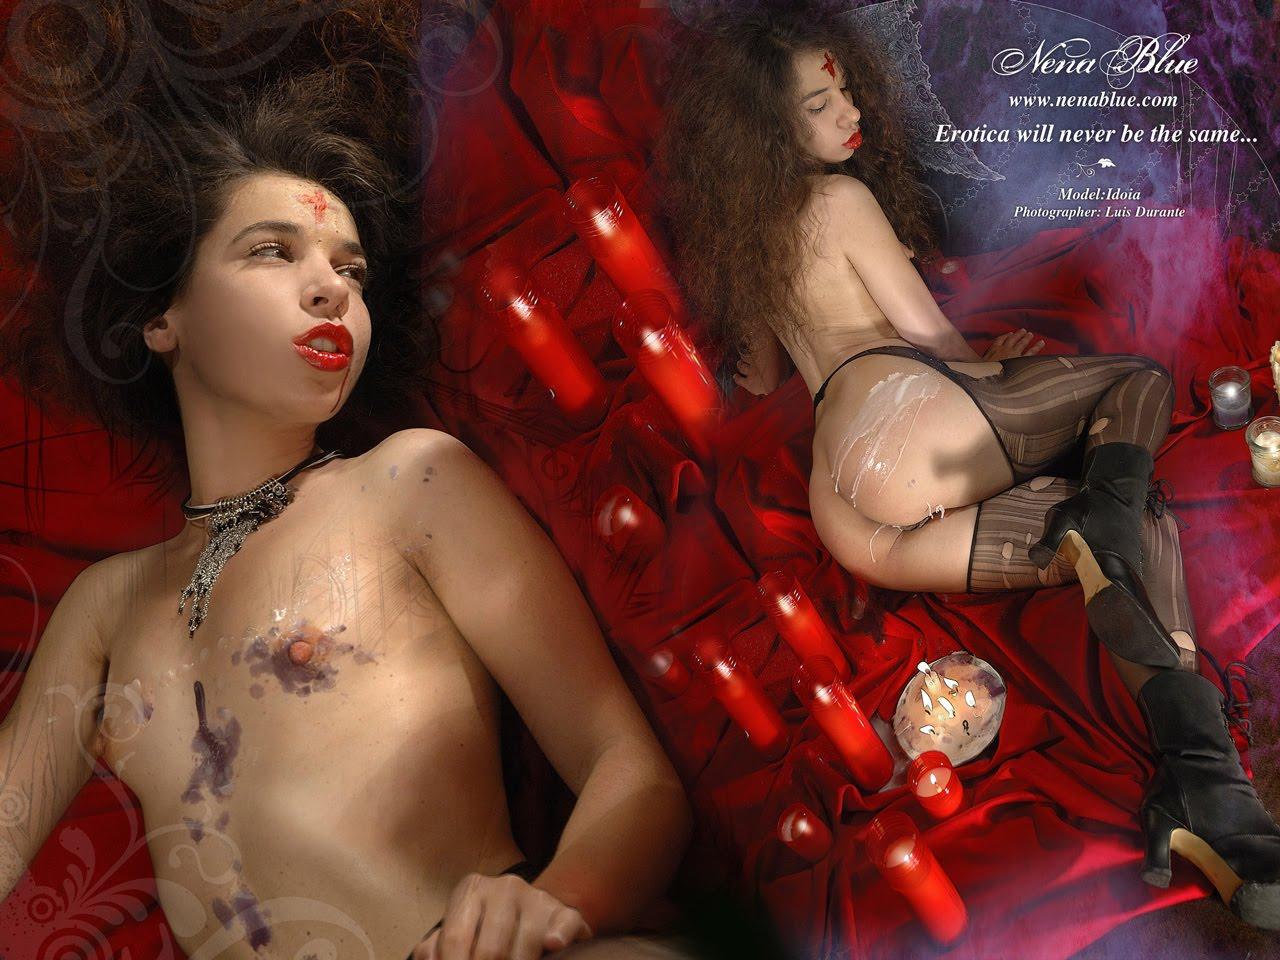 Meninas Nuas Mujeres Desnudas Chicas Jovencitas Nenas